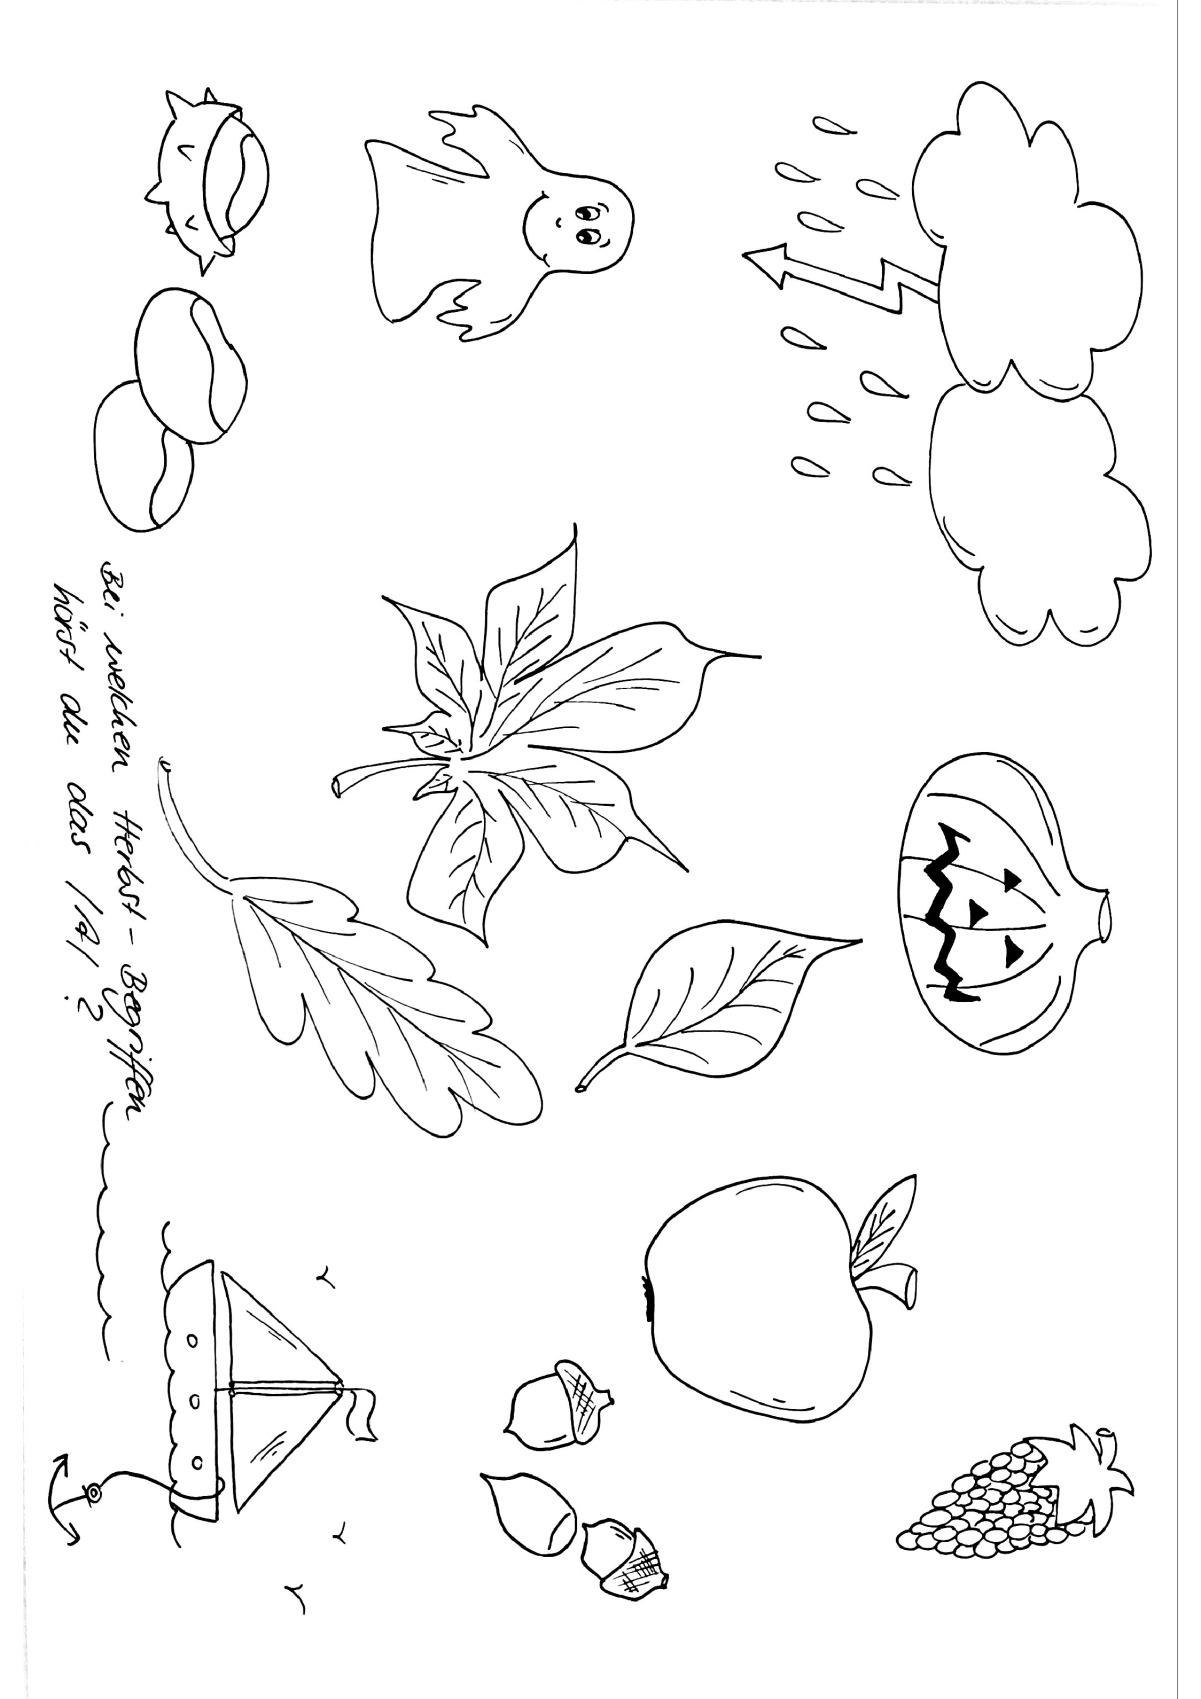 Herbst Ausmalbilder Igel : Therapiematerial Zum Thema Herbst Therapiematerial Logop Die